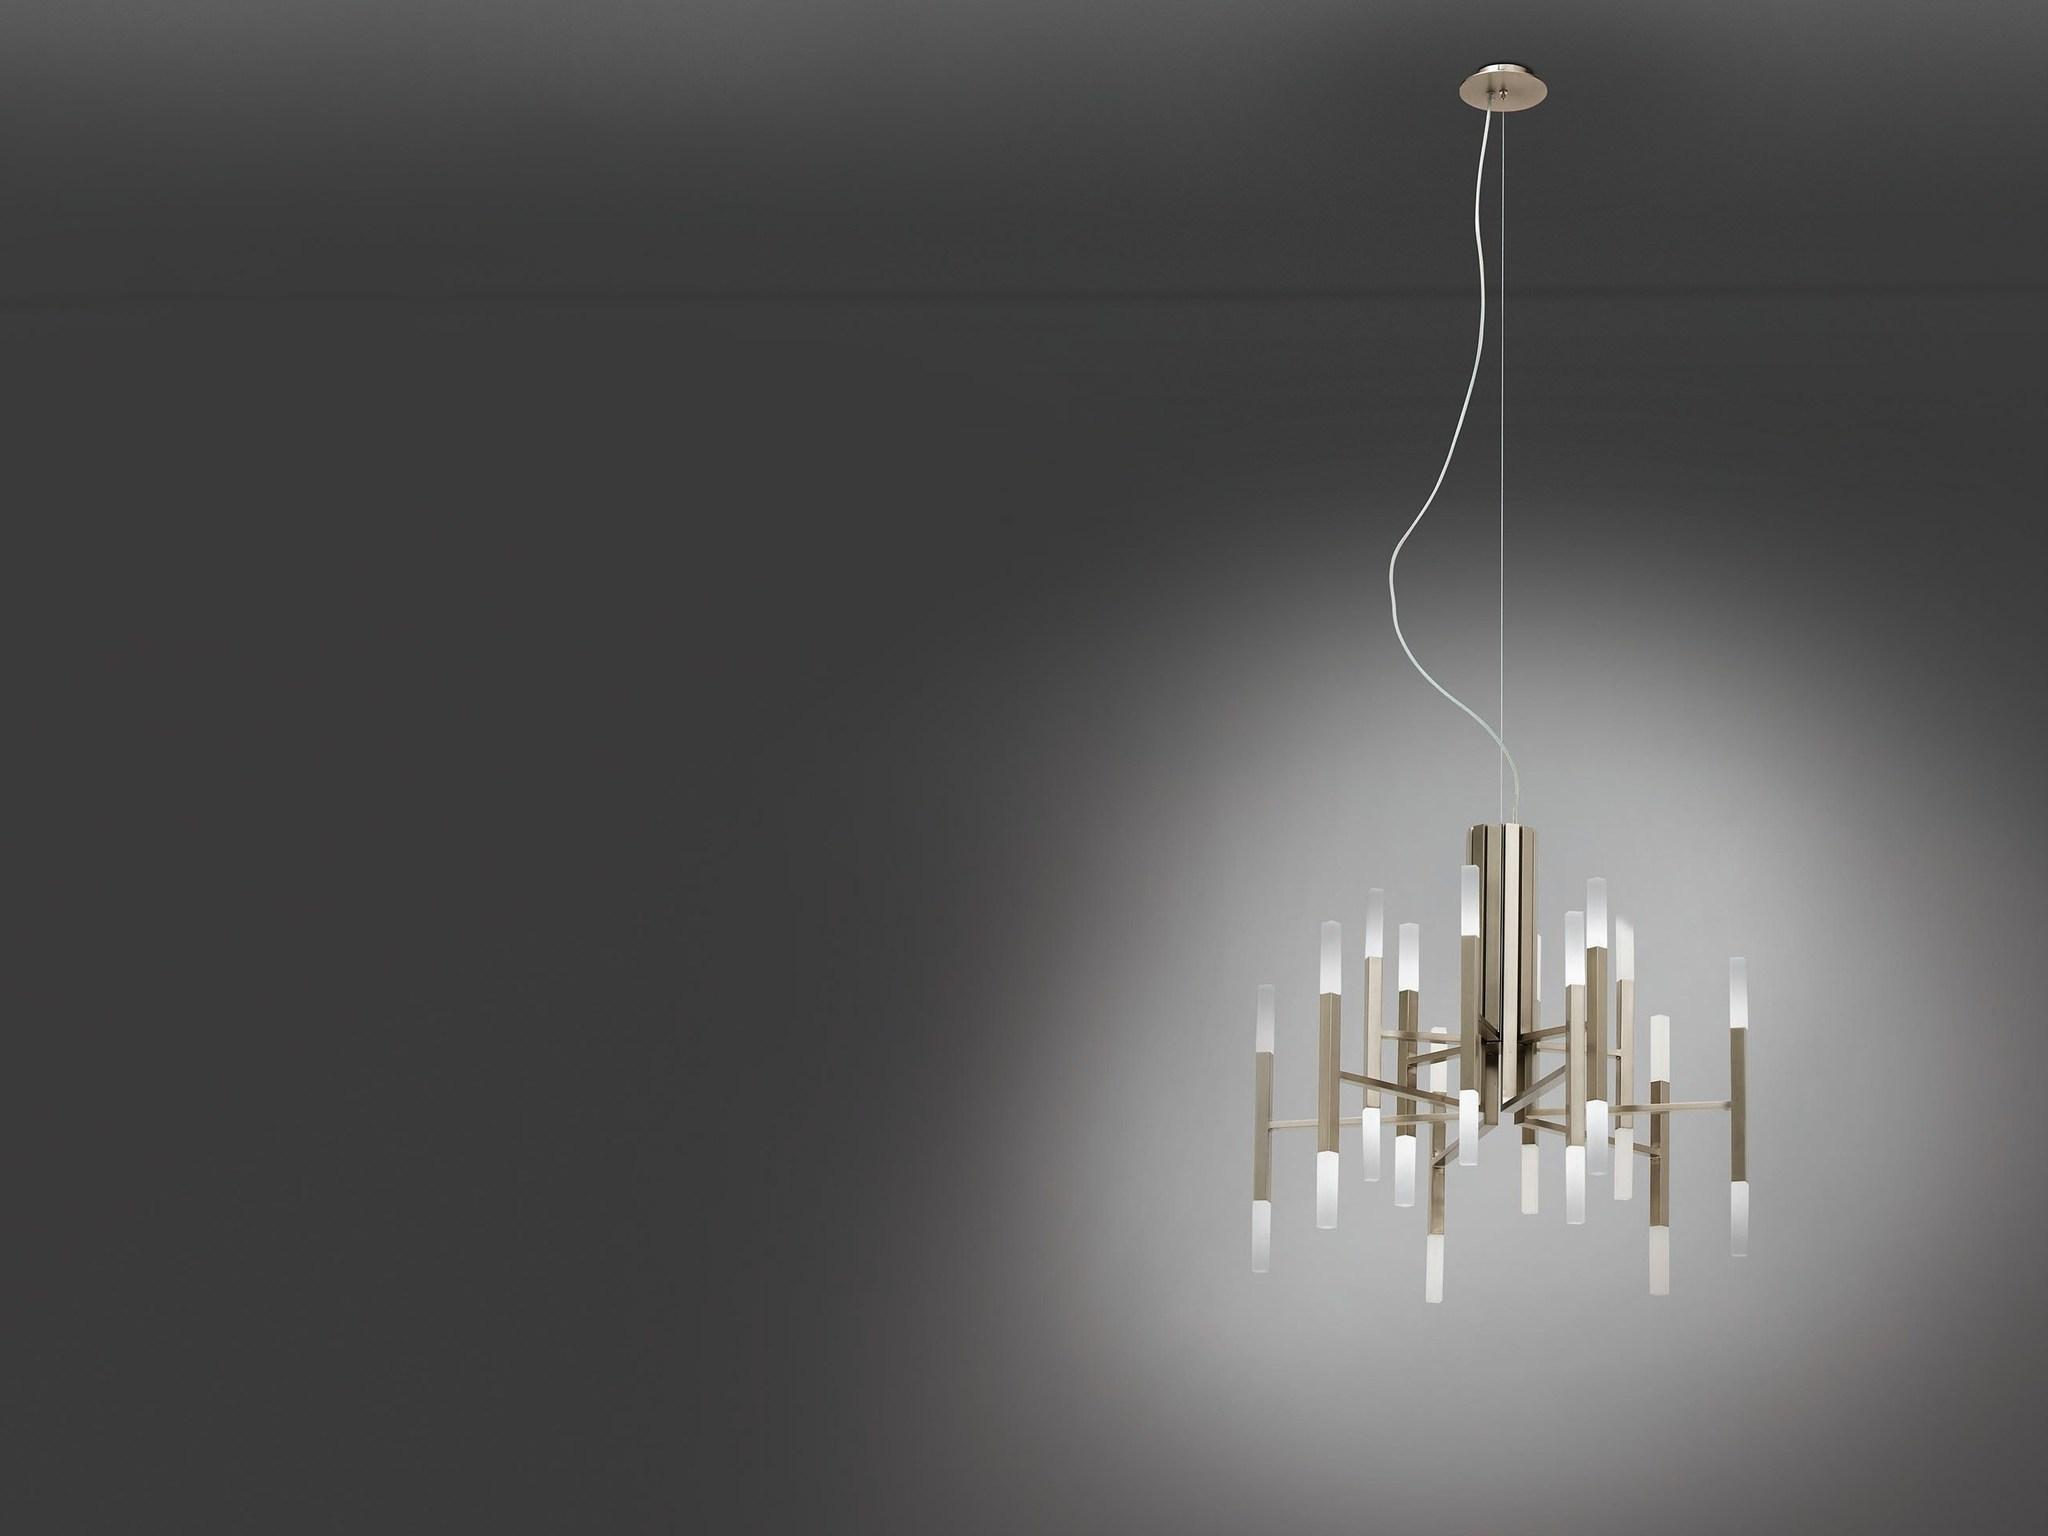 Подвесной светильник копия THE LIGHT by Alma 18 плафонов (никель)